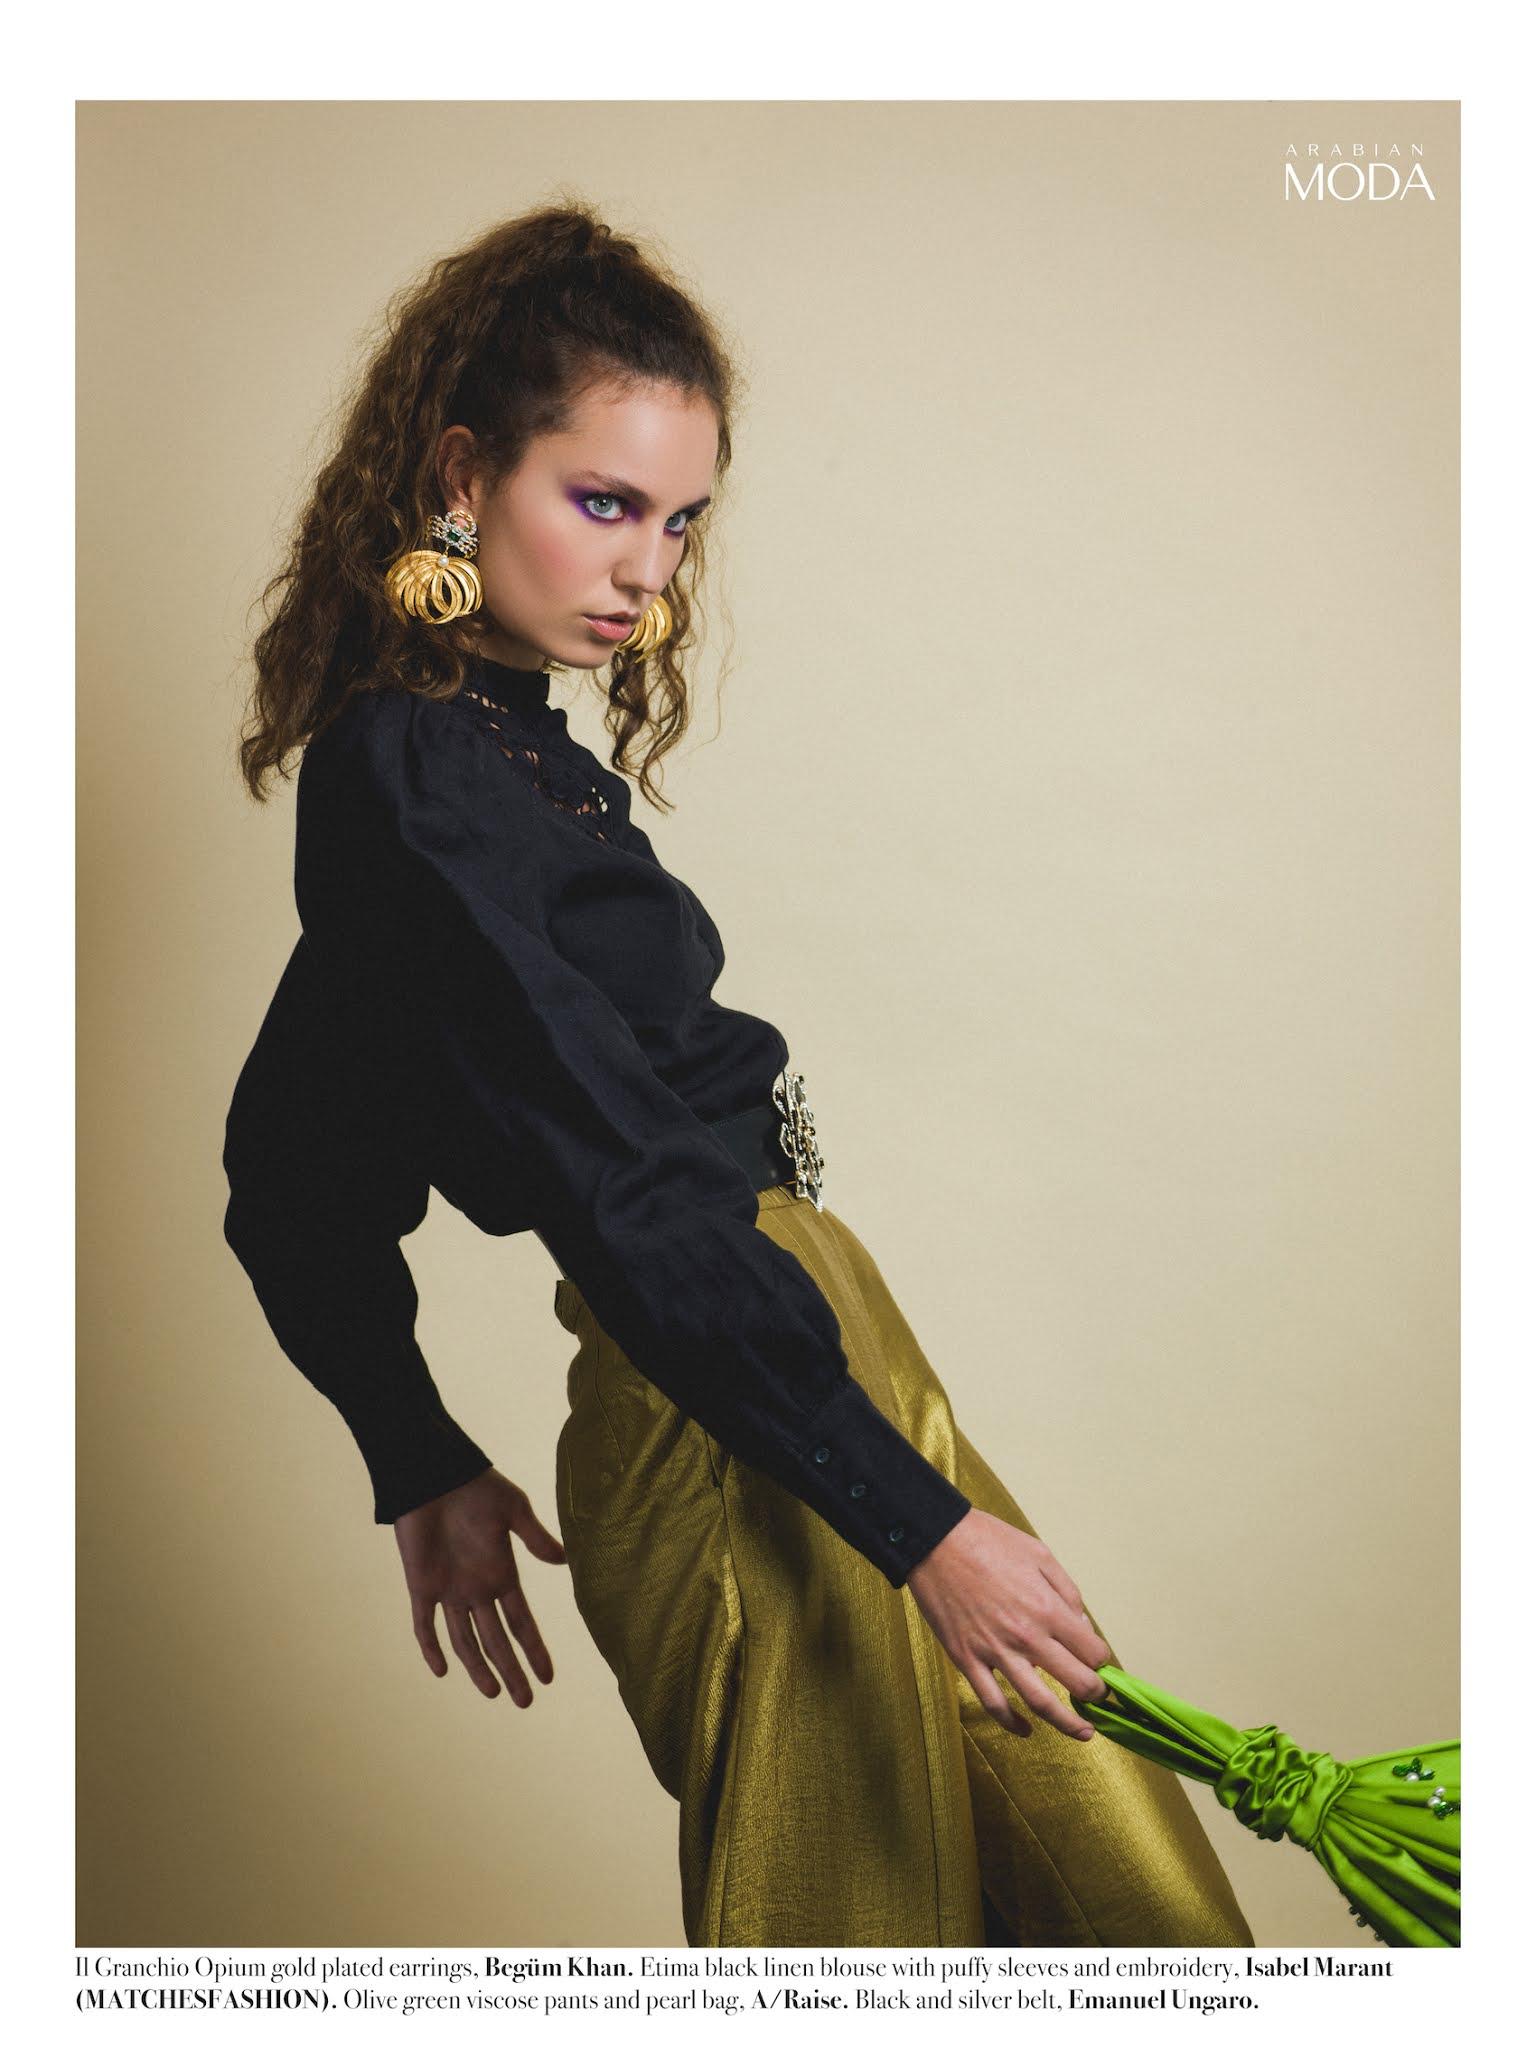 4- Arabian Moda x Isabel Marant x Begüm Khan x A/Raise x Emanuel Ungaro